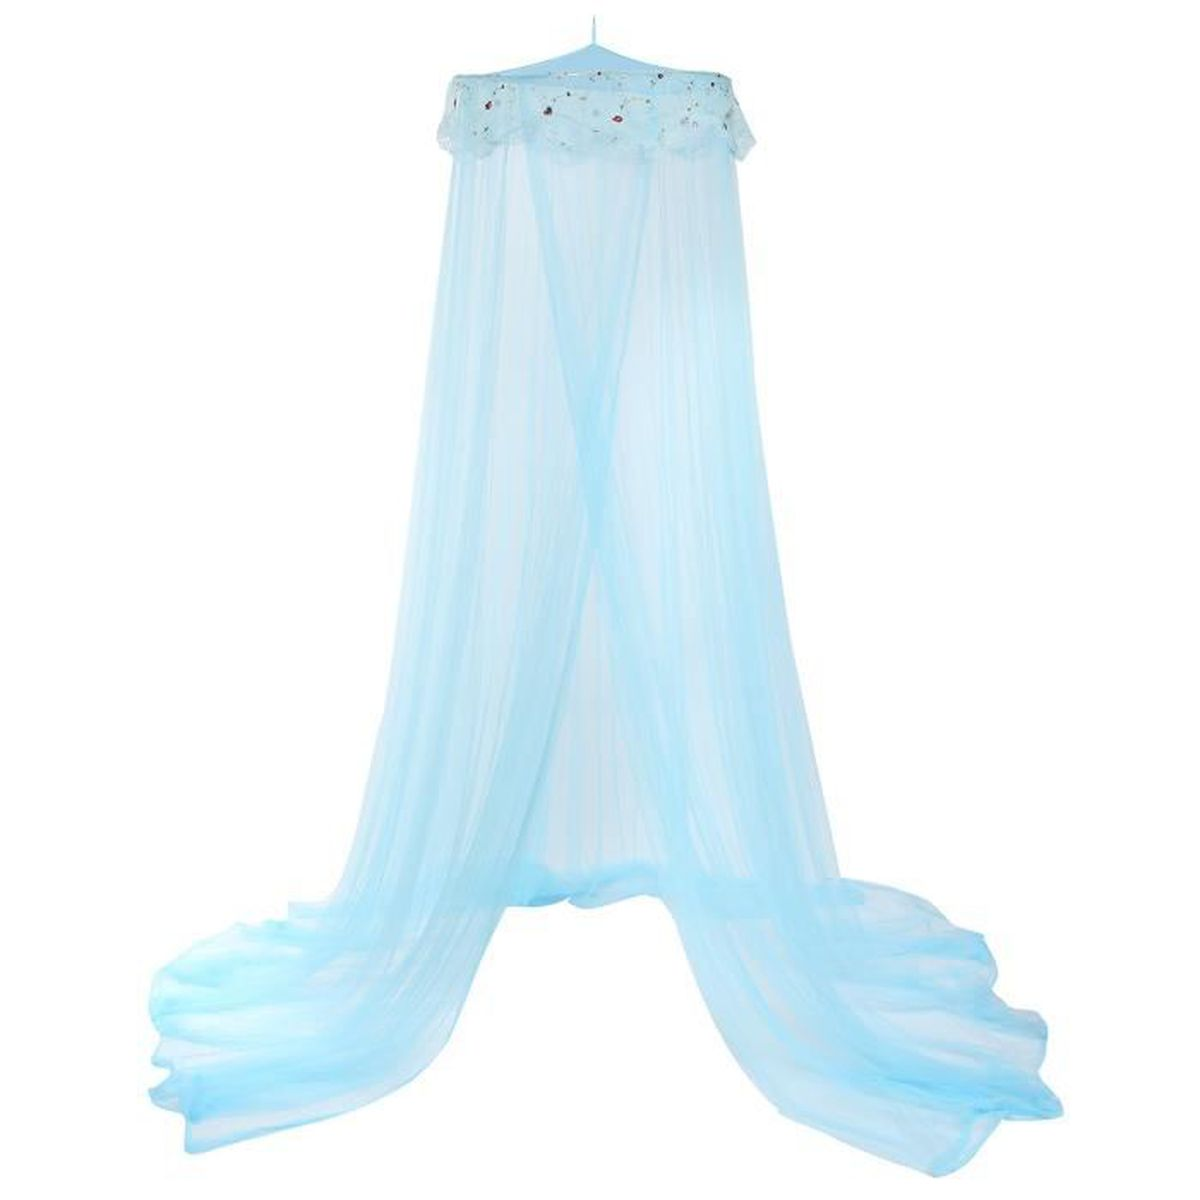 Tempsa moustiquaire ciel de lit bleu clair achat vente moustiquaire de lit soldes cdiscount - Ciel de lit bleu ...